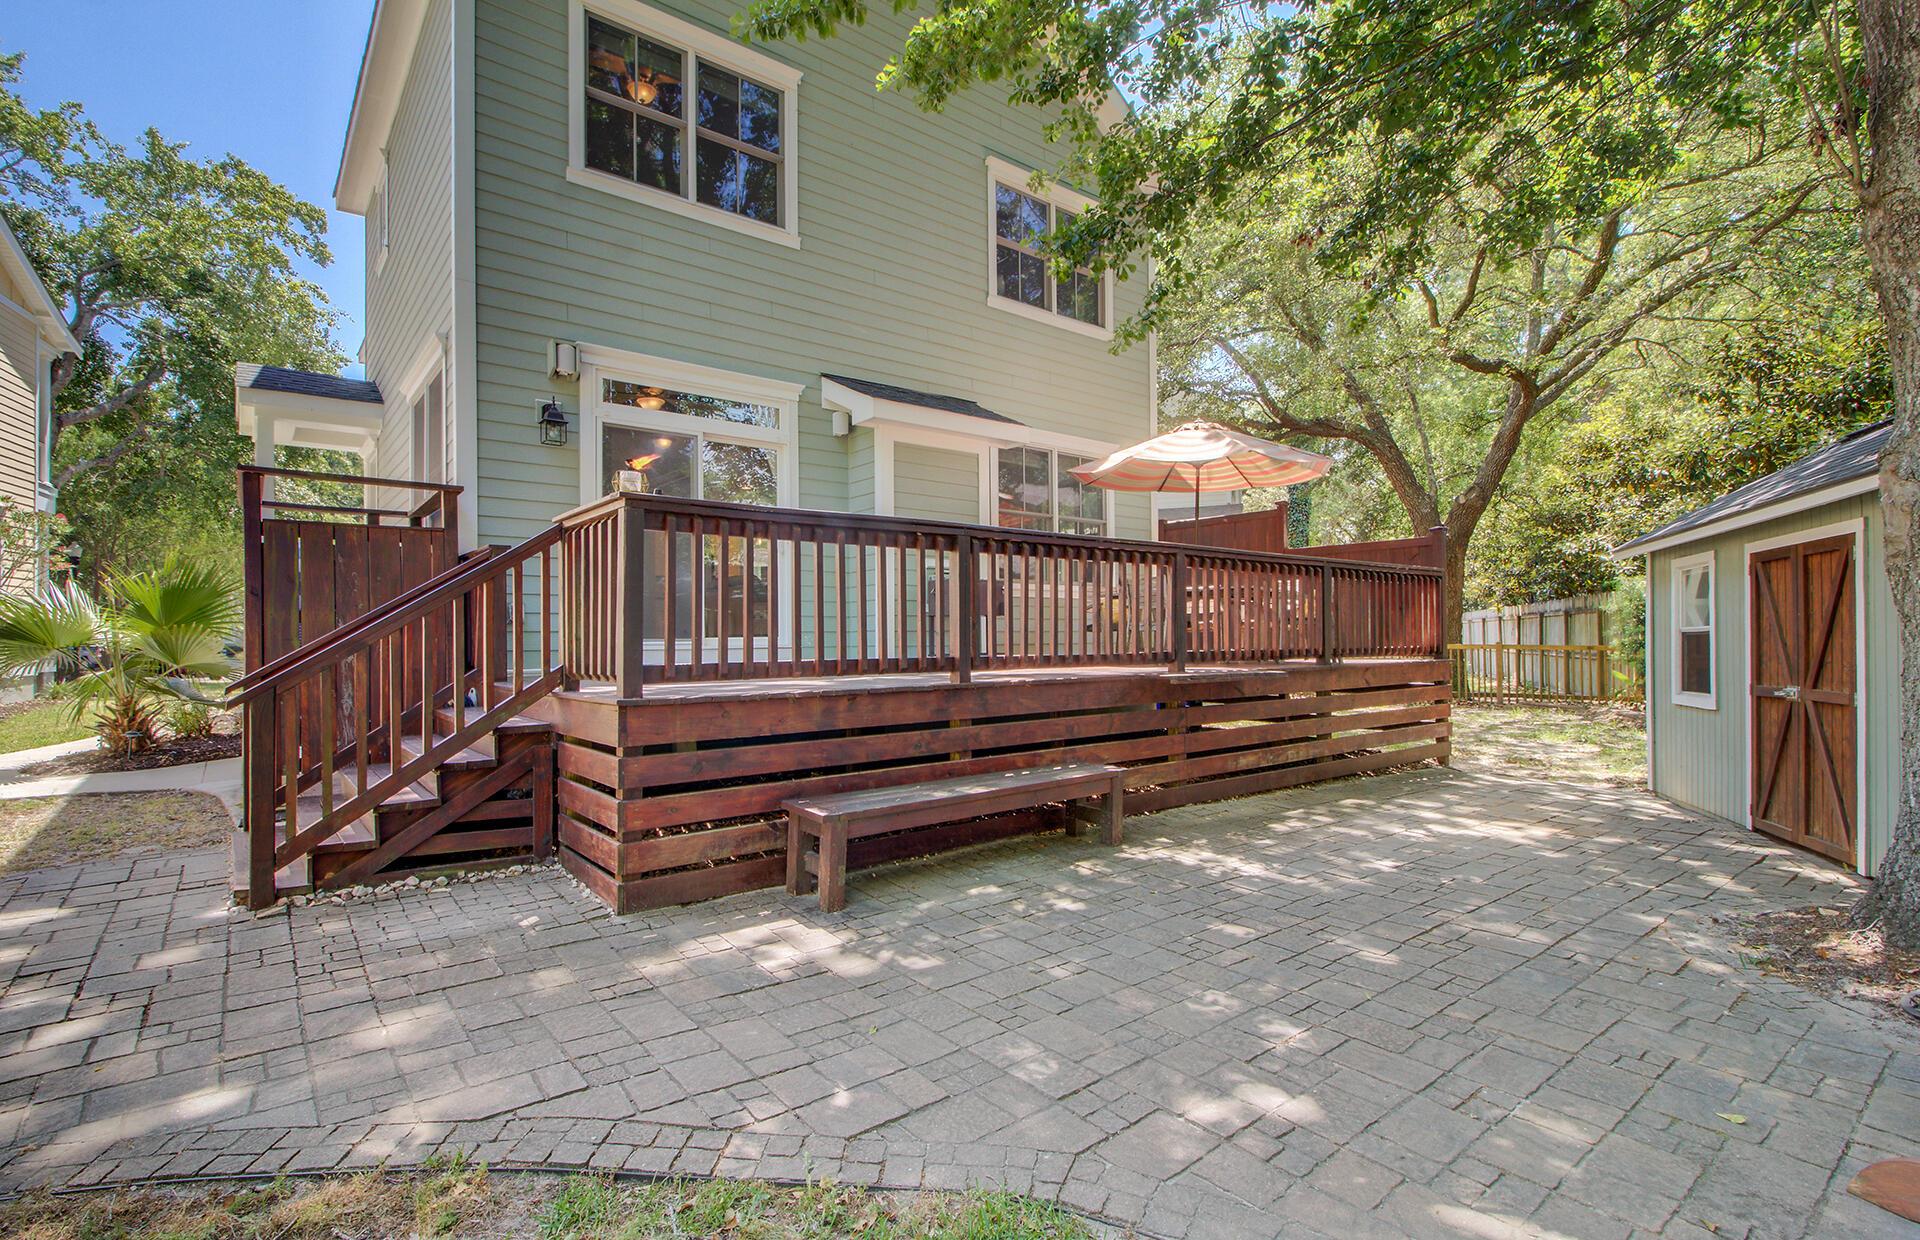 Phillips Park Homes For Sale - 1129 Phillips Park, Mount Pleasant, SC - 13